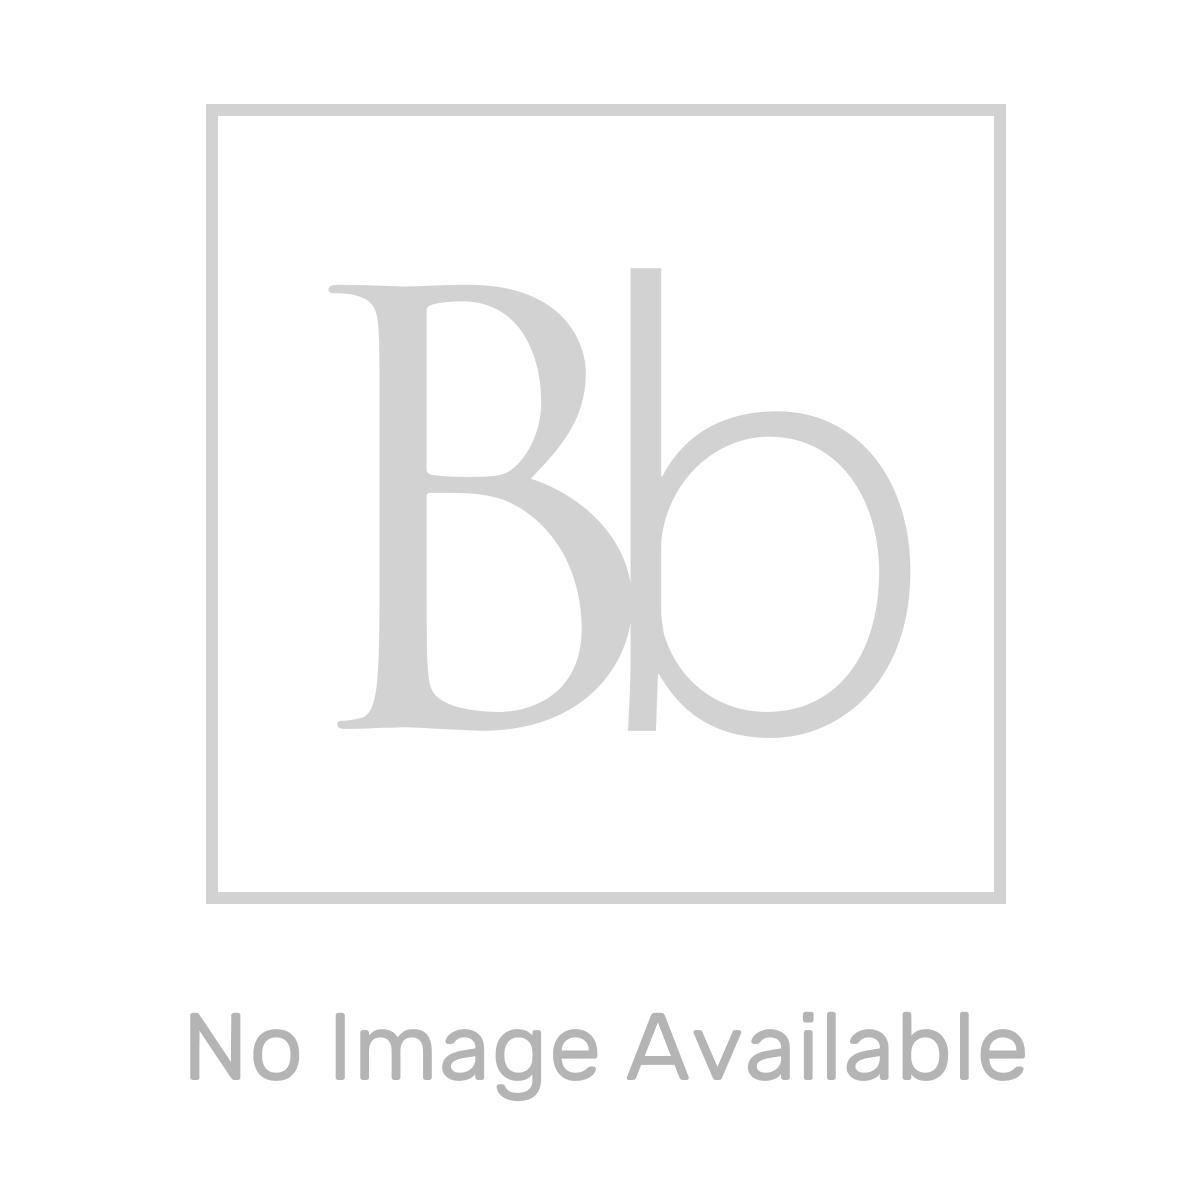 Croydex Universal Shower Door Seal Kit